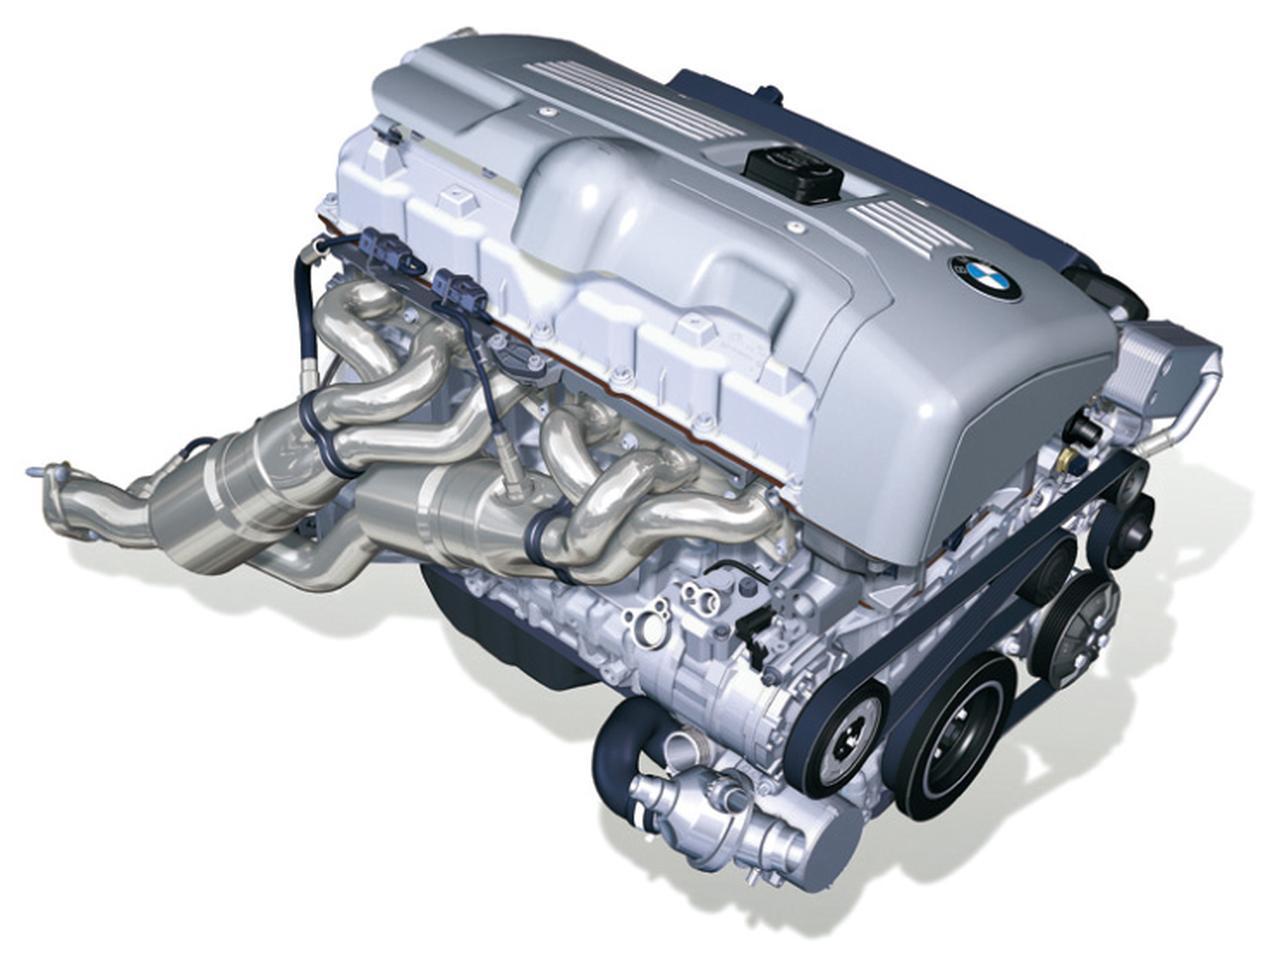 Images : 6番目の画像 - E90型BMW 3シリーズ(2005年) - Webモーターマガジン